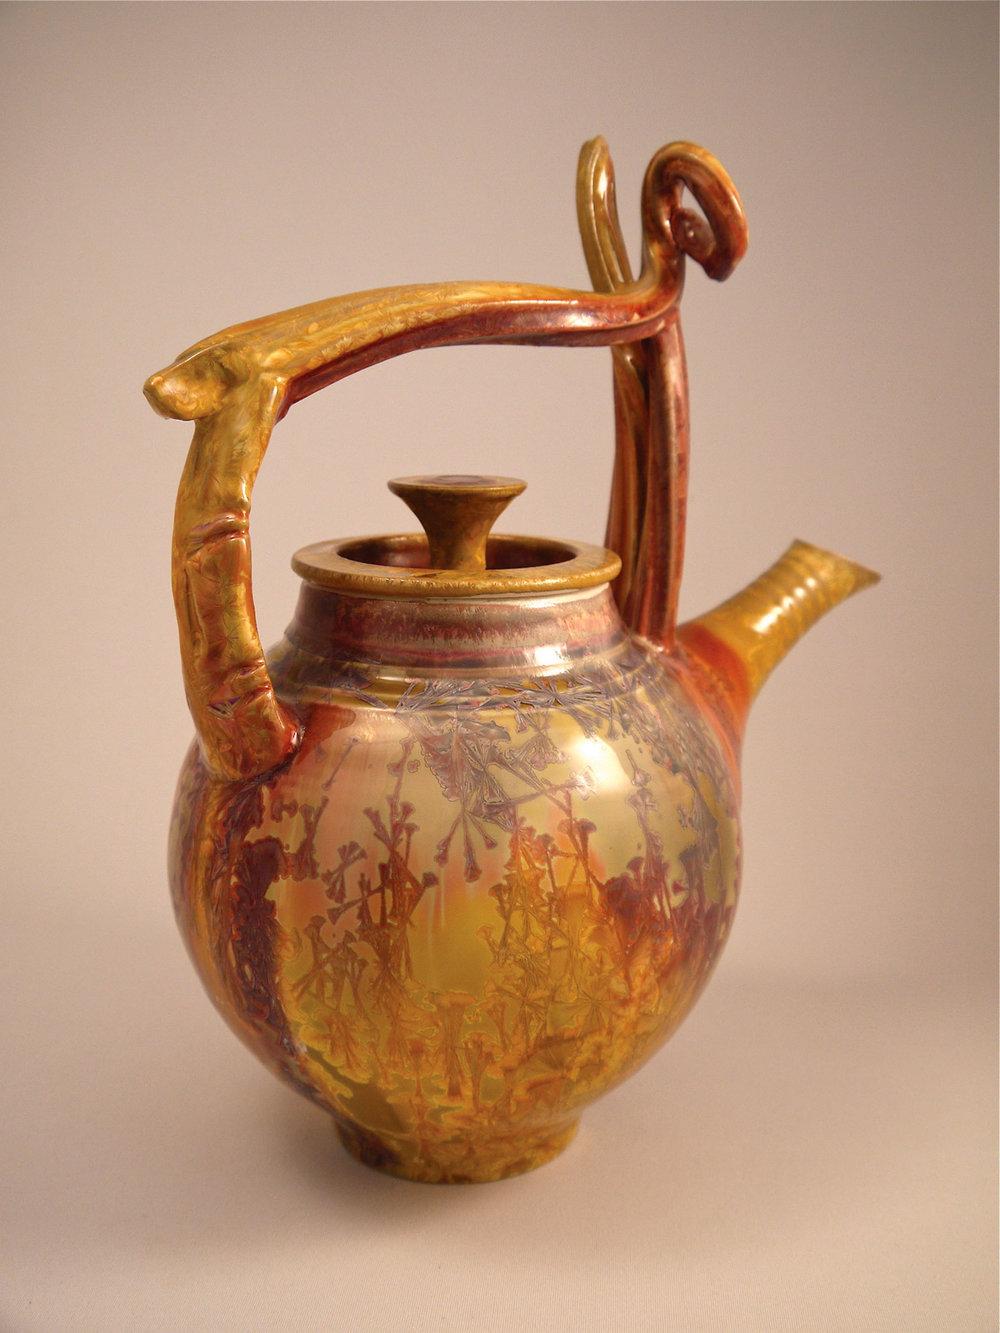 裝飾精美的茶壺旨在向日本傳統茶道致敬。